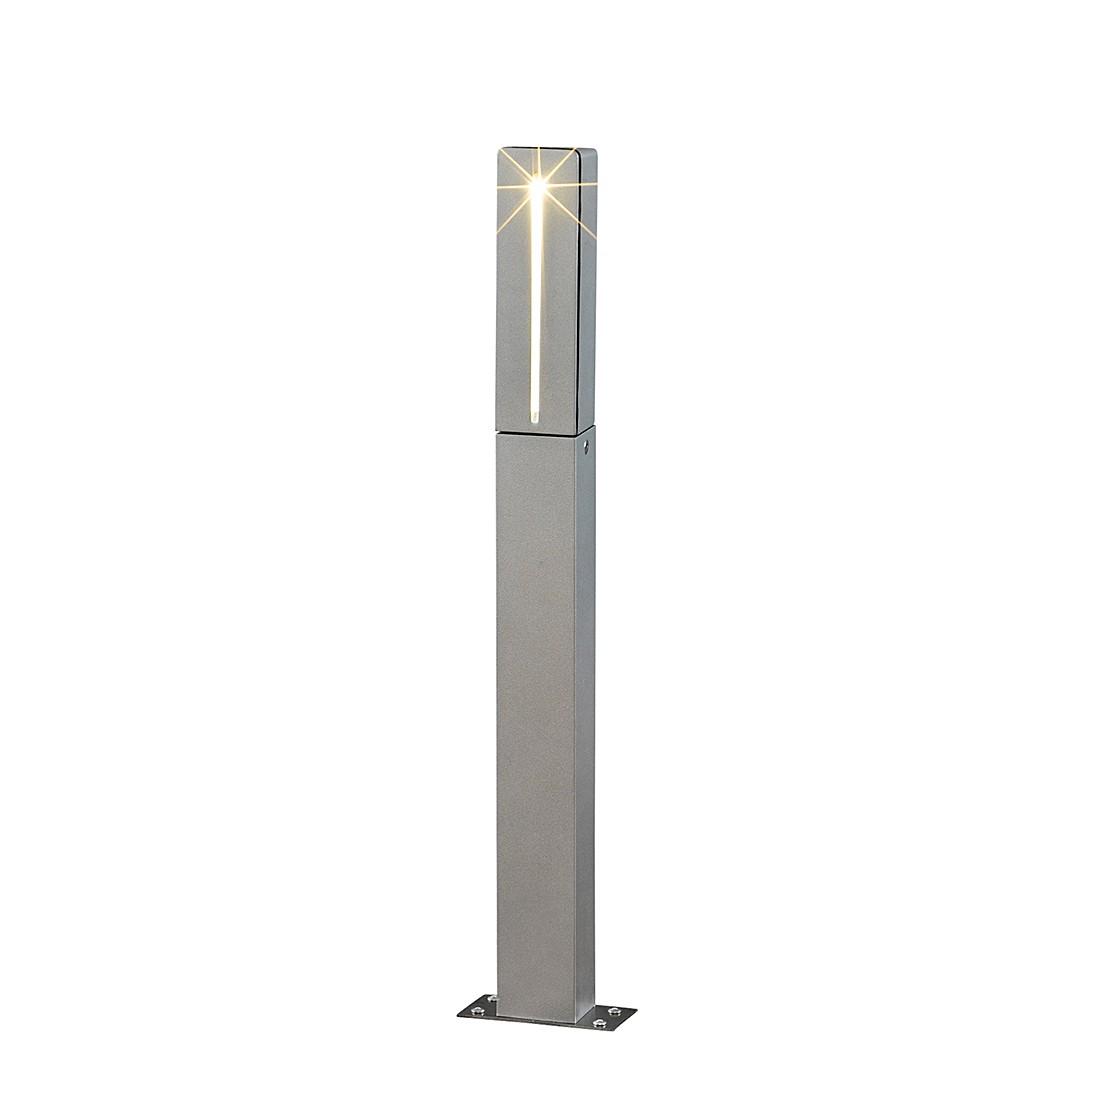 LED Wegeleuchte Imola ● Aluminium/Kunststoff ● 1-flammig- Konstsmide A+